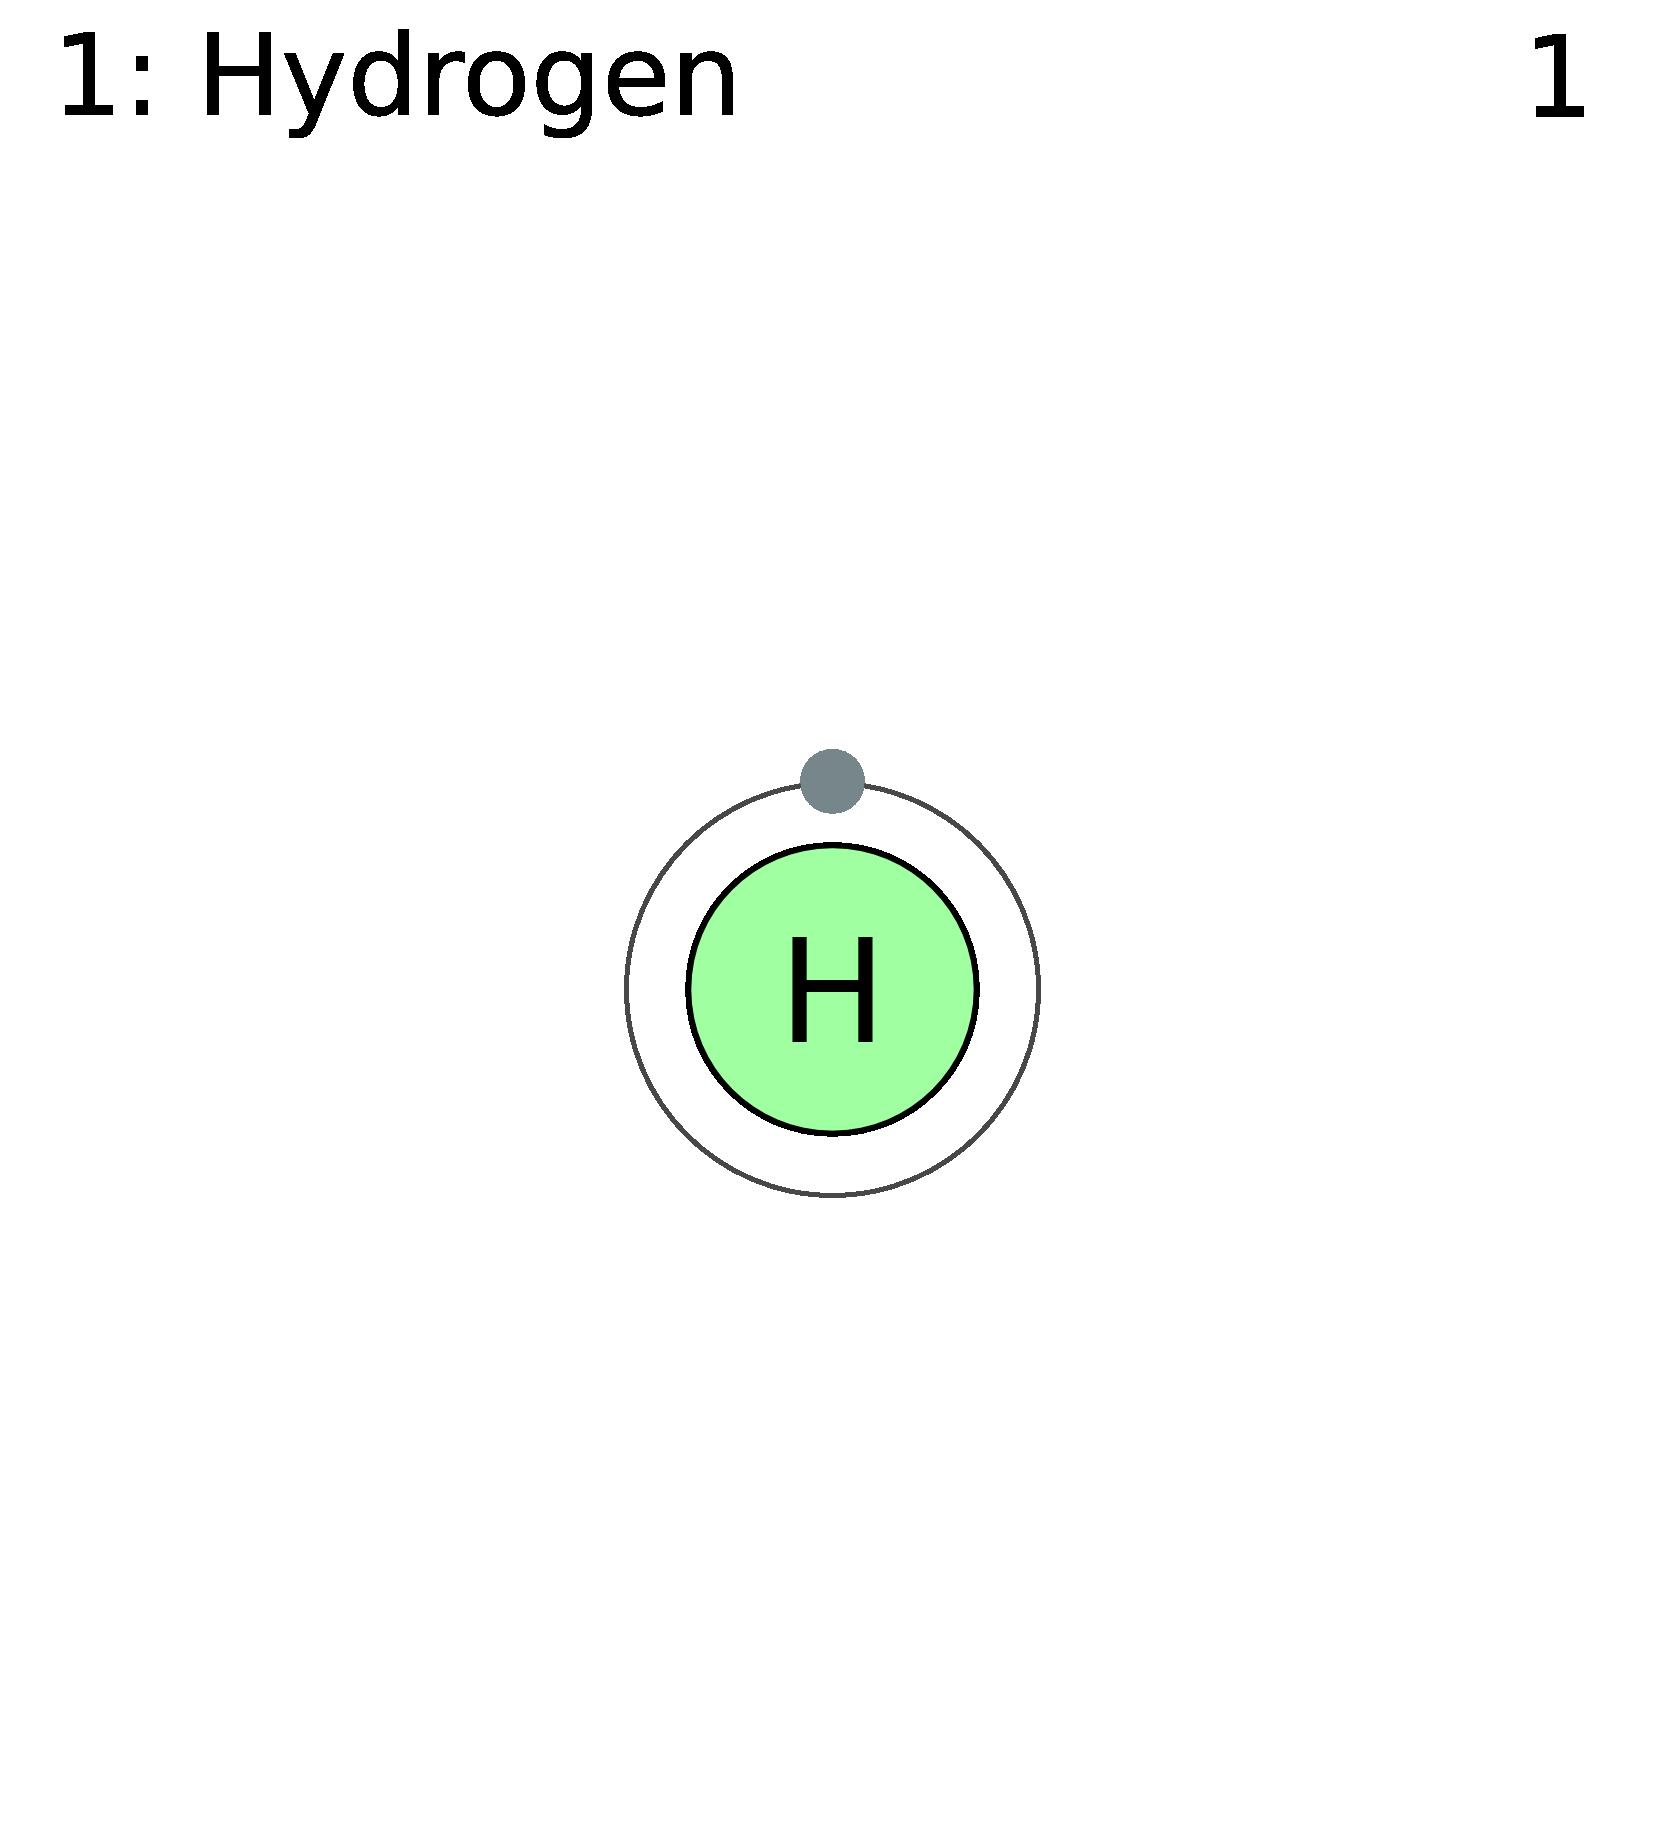 RHM-Monosaccharide / ROA-Organic Acid / RFQ-Fast Acid - Hydrogen Form